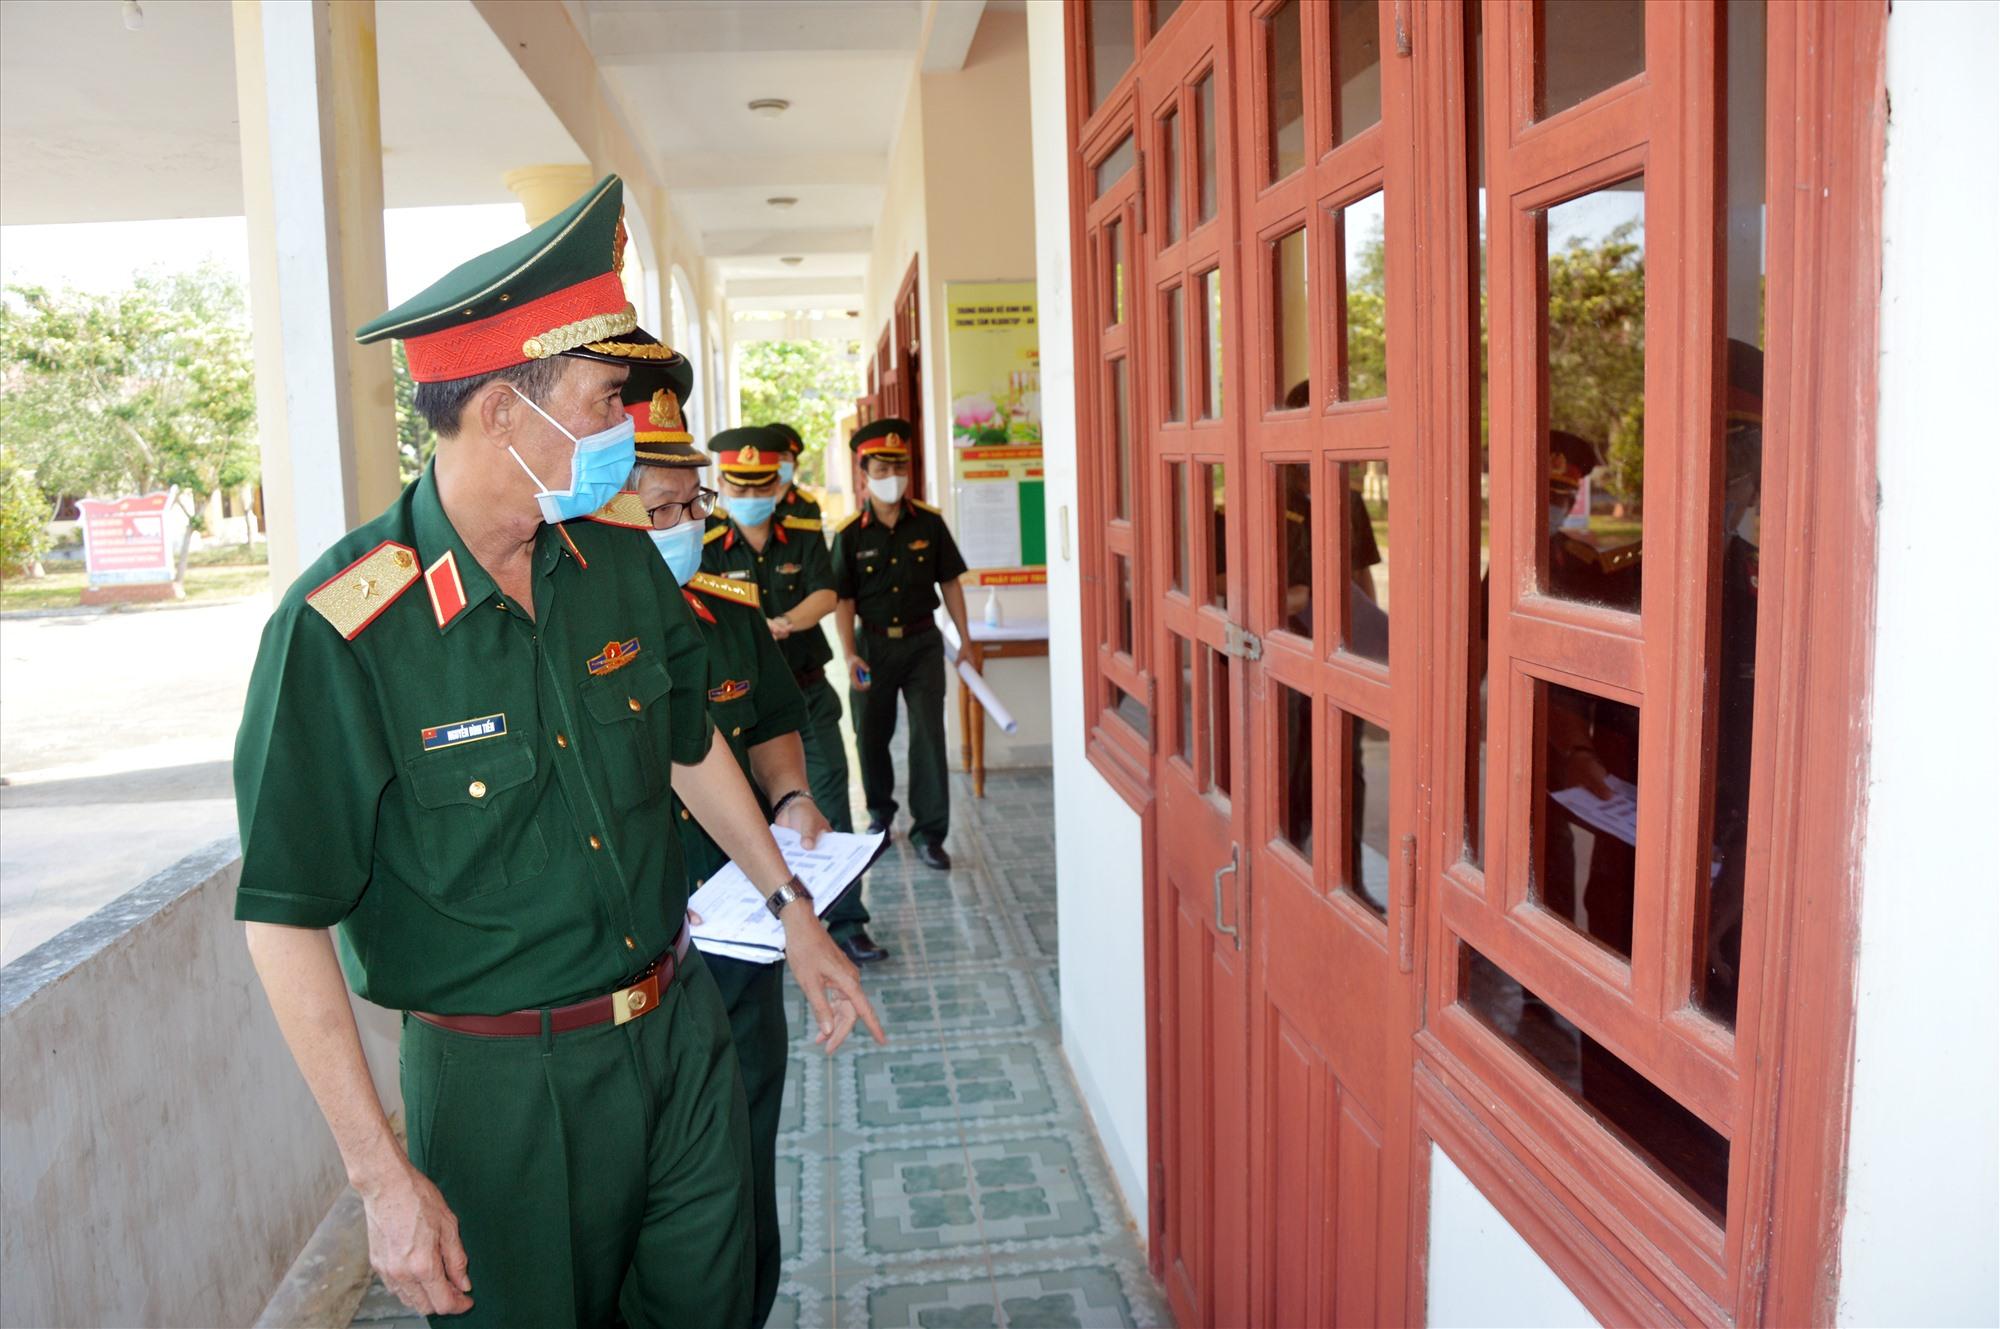 Thiếu tướng Nguyễn Đình Tiến, Phó Tư lệnh Quân khu kiểm tra công tác chuẩn bị cho bệnh viện dã chiến số 3 tại Quảng Nam.